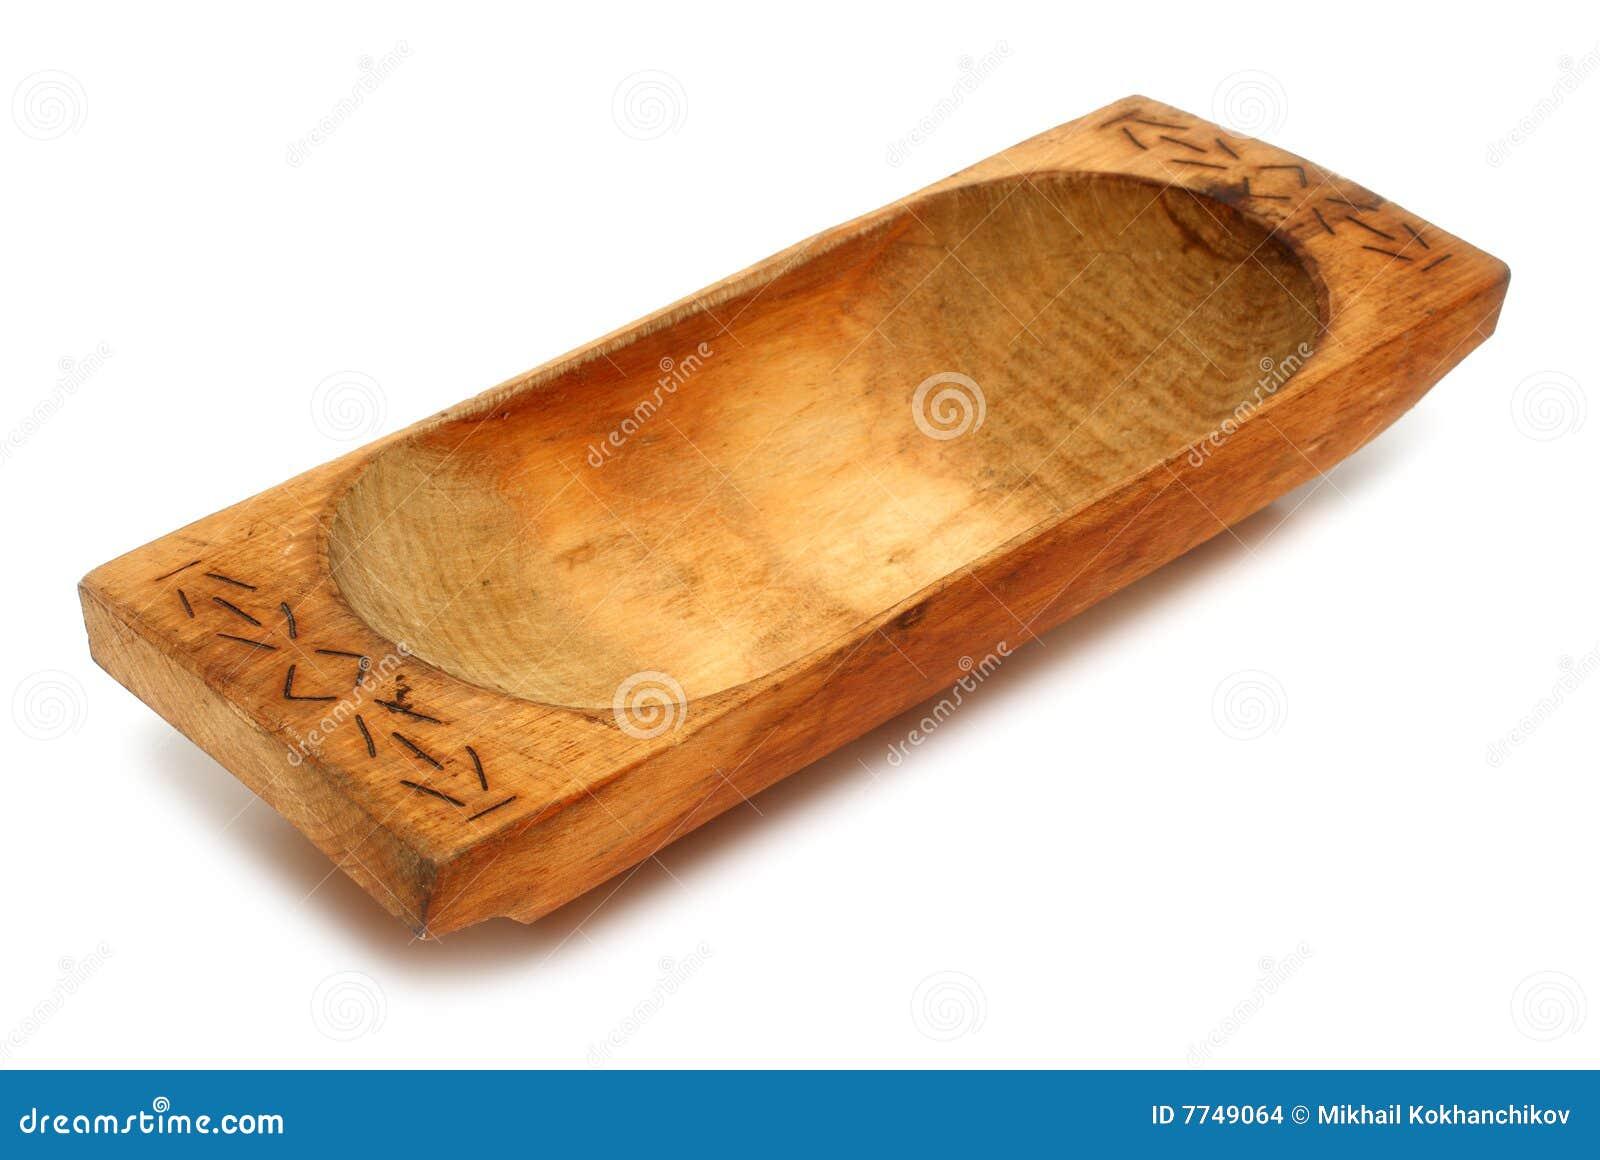 foto de Oude houten trog stock foto Afbeelding bestaande uit